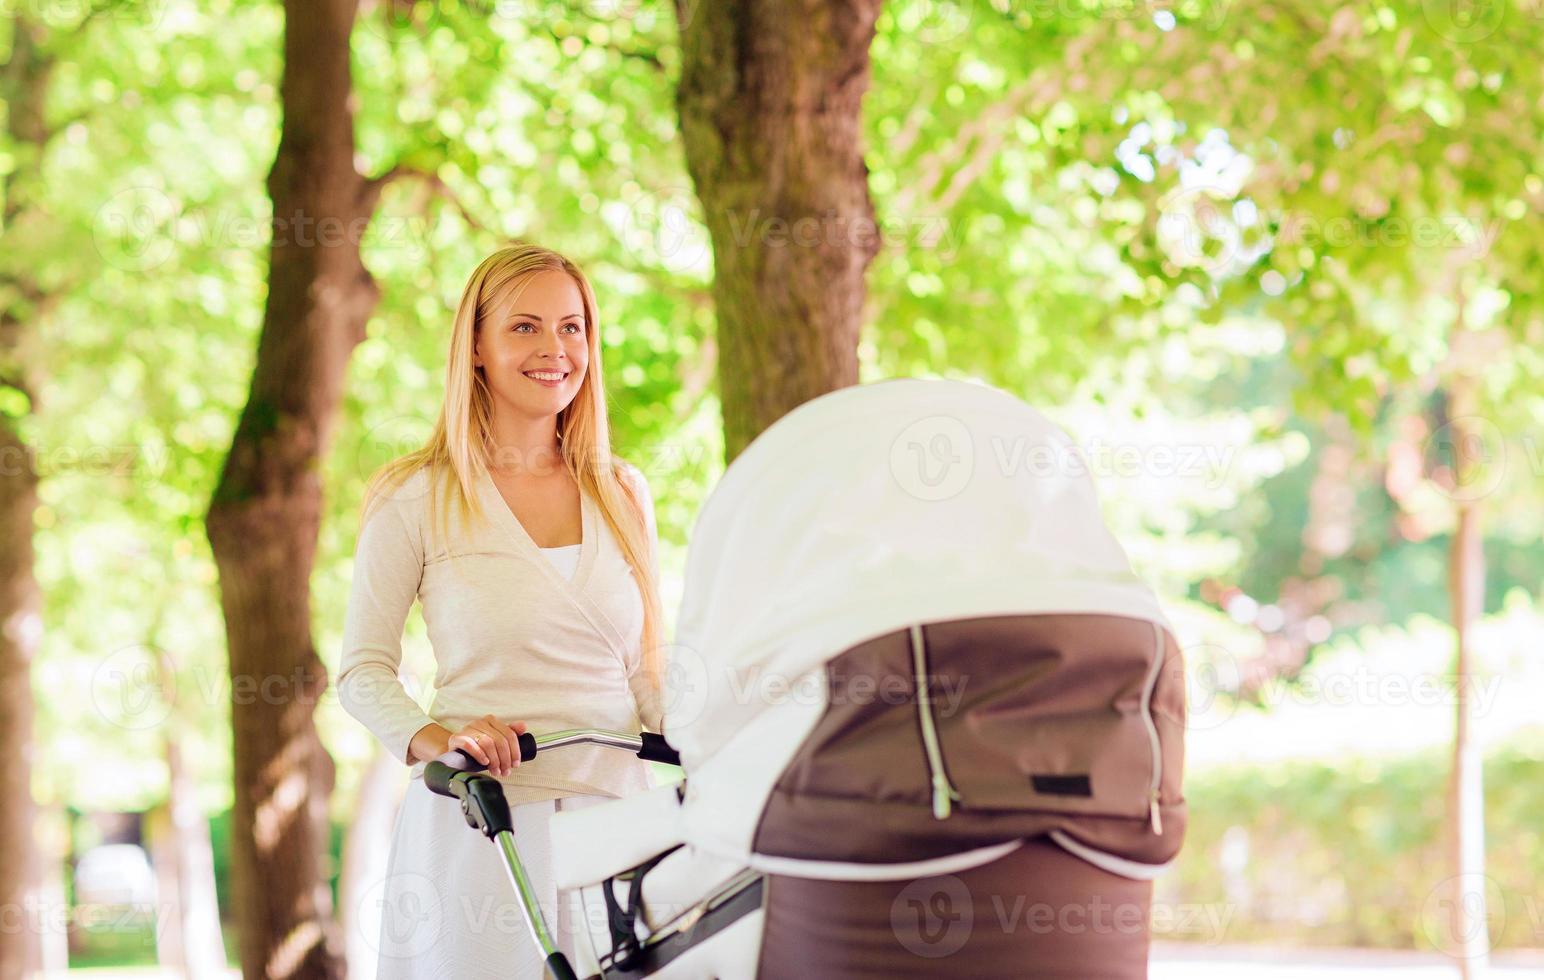 mãe feliz com carrinho no parque foto